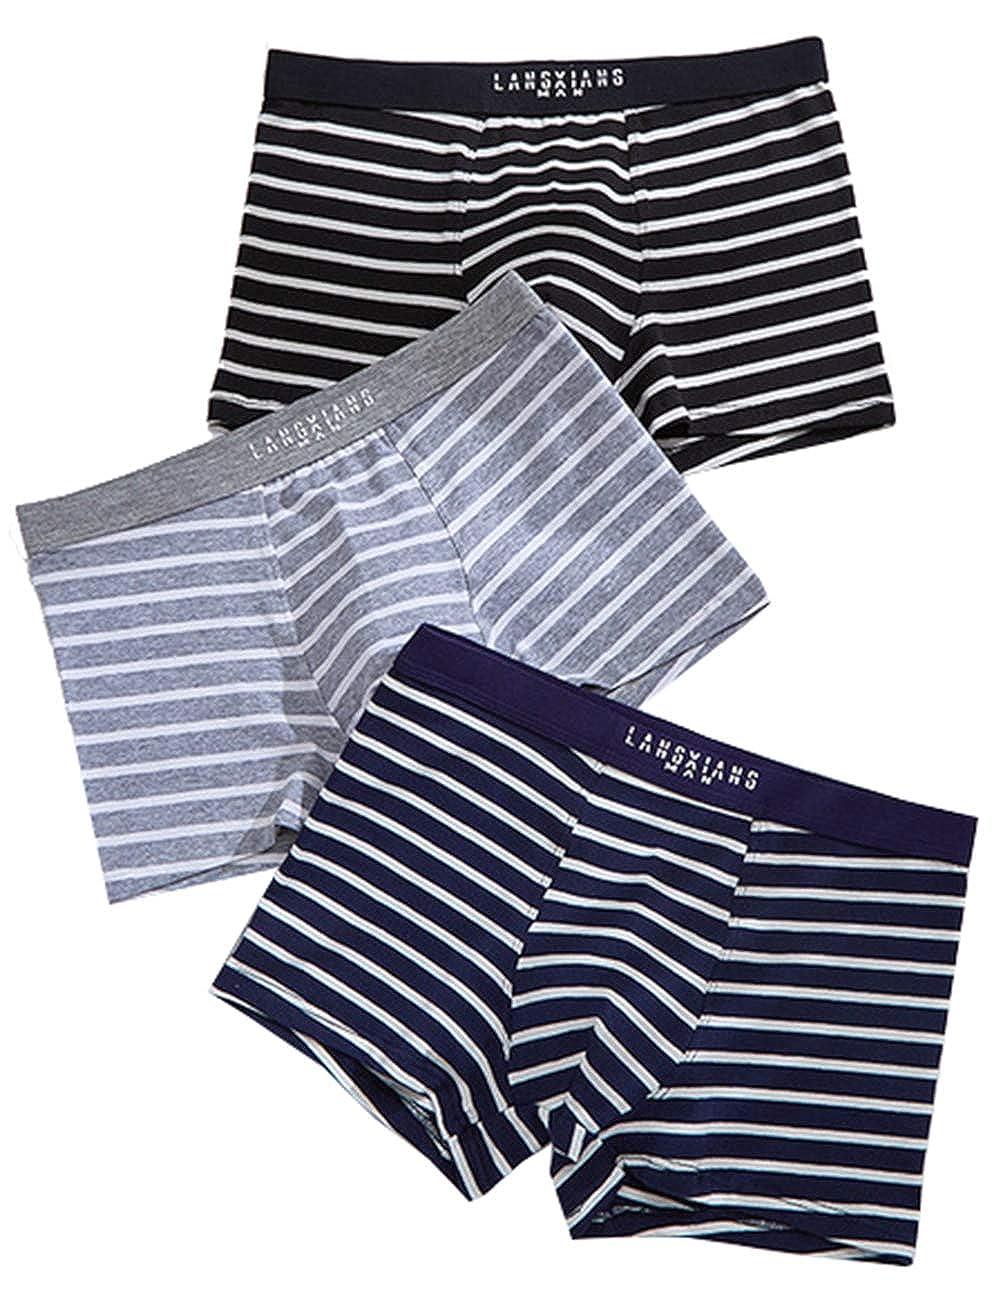 U Pouch Underwear photo 23